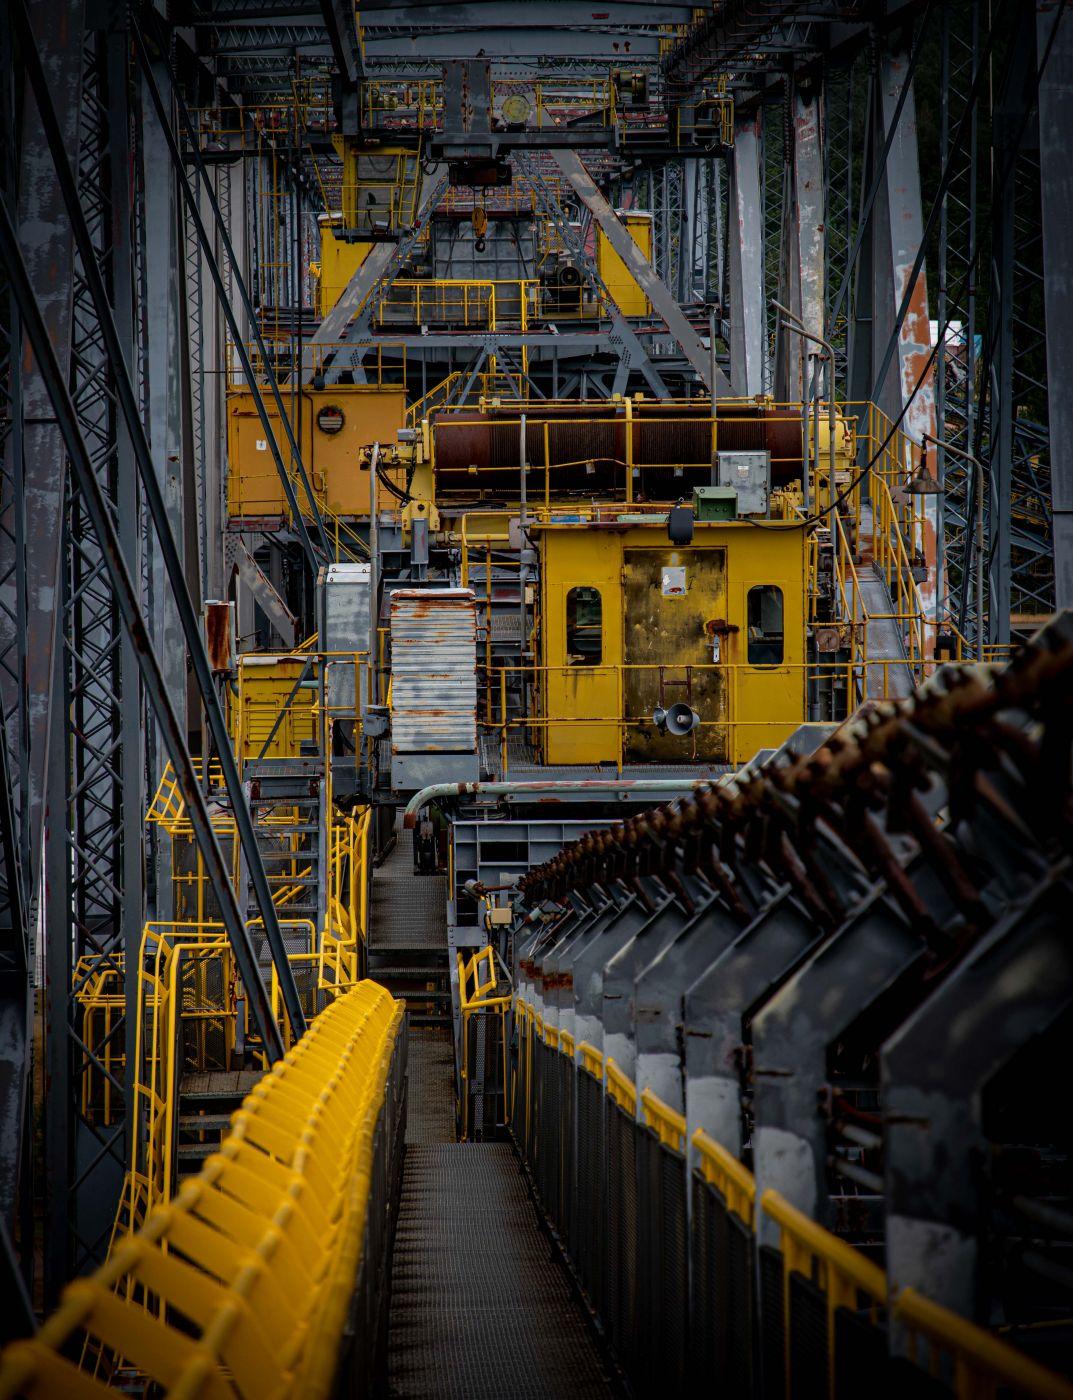 Giants of steel, Germany